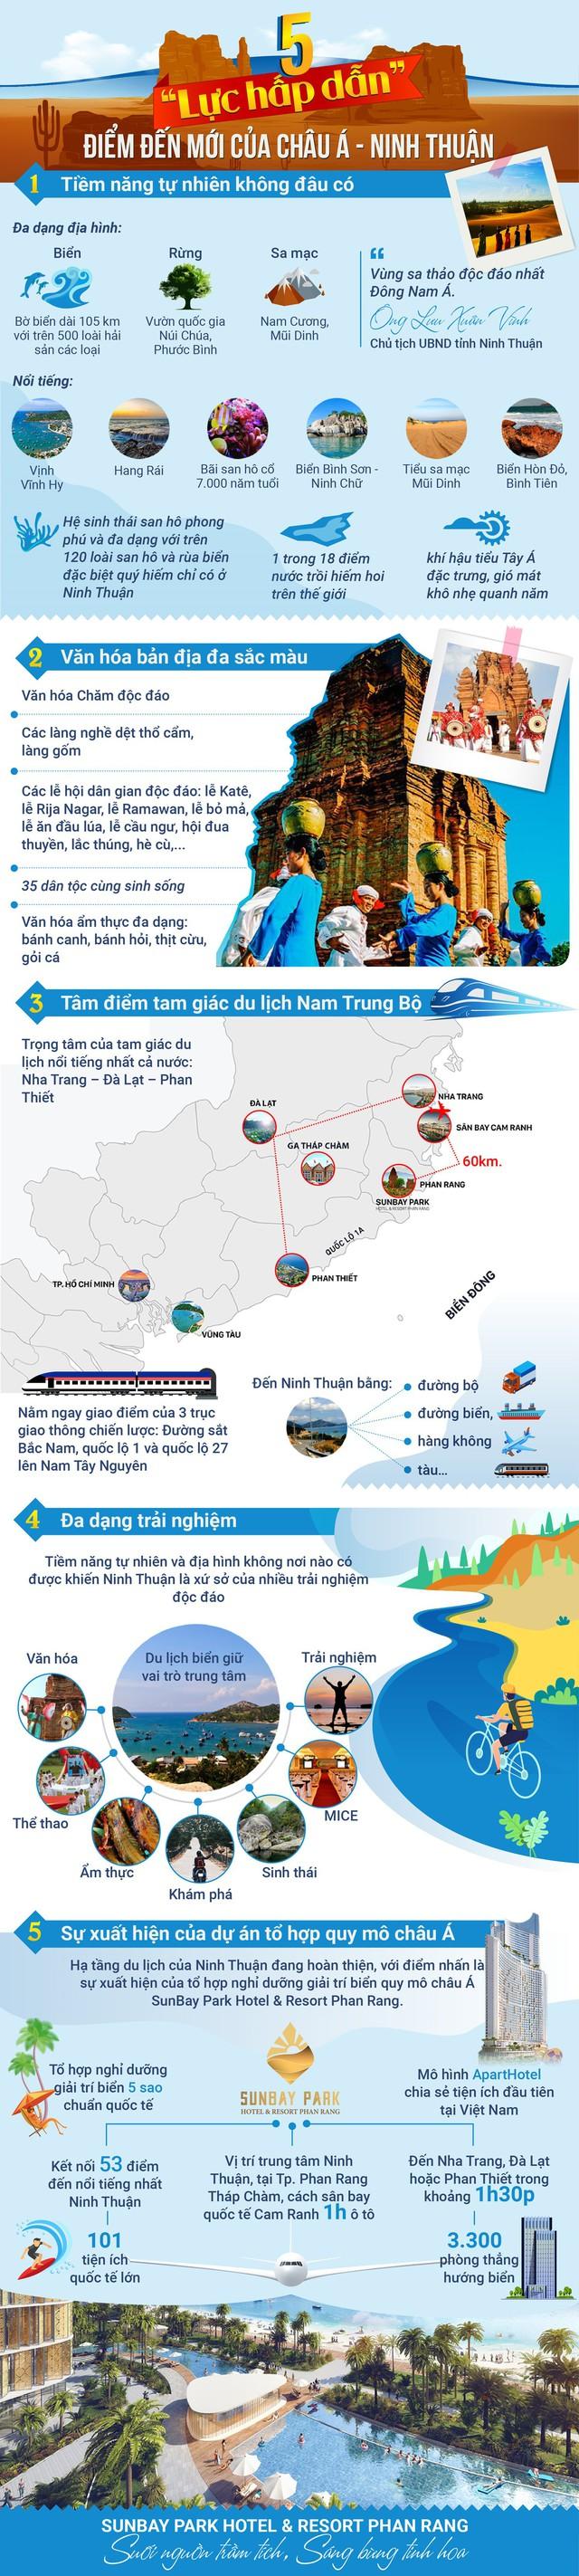 """Ninh Thuận - 5 """"lực hấp dẫn"""" tạo vị thế điểm đến mới của châu Á - Ảnh 1."""